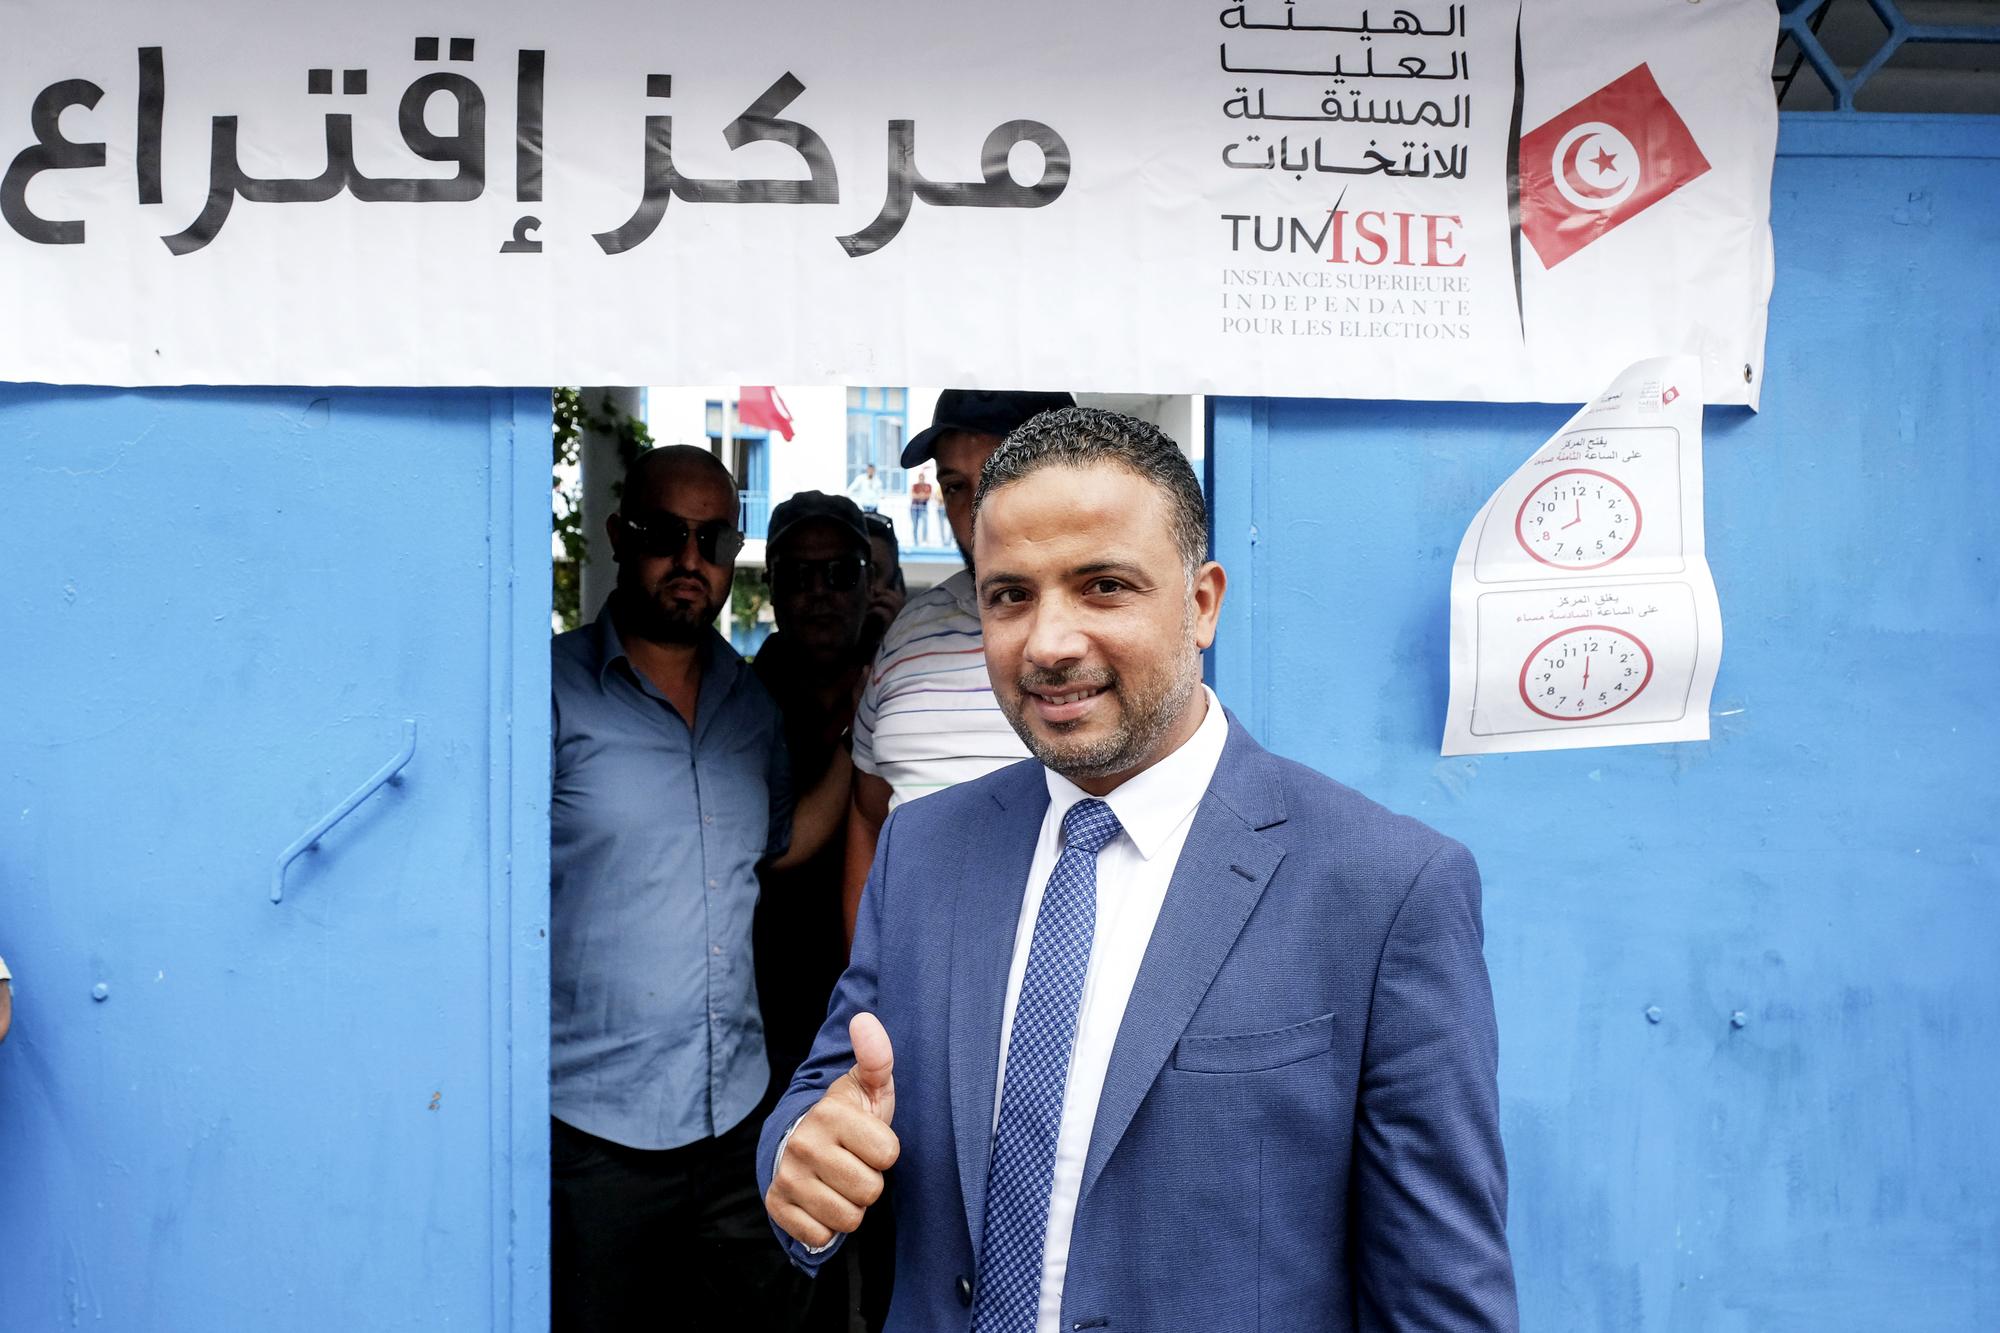 06 octobre 2019 : en ce jour de scrutin des élections législatives en Tunisie, Sefeddine Makhlouf, candidat à la présidentielle éliminé et président du parti Al Karama, tête de liste aux législatives de Tunis, est venu voter à son bureau de Tunis. Il est une des surprises du scrutin.